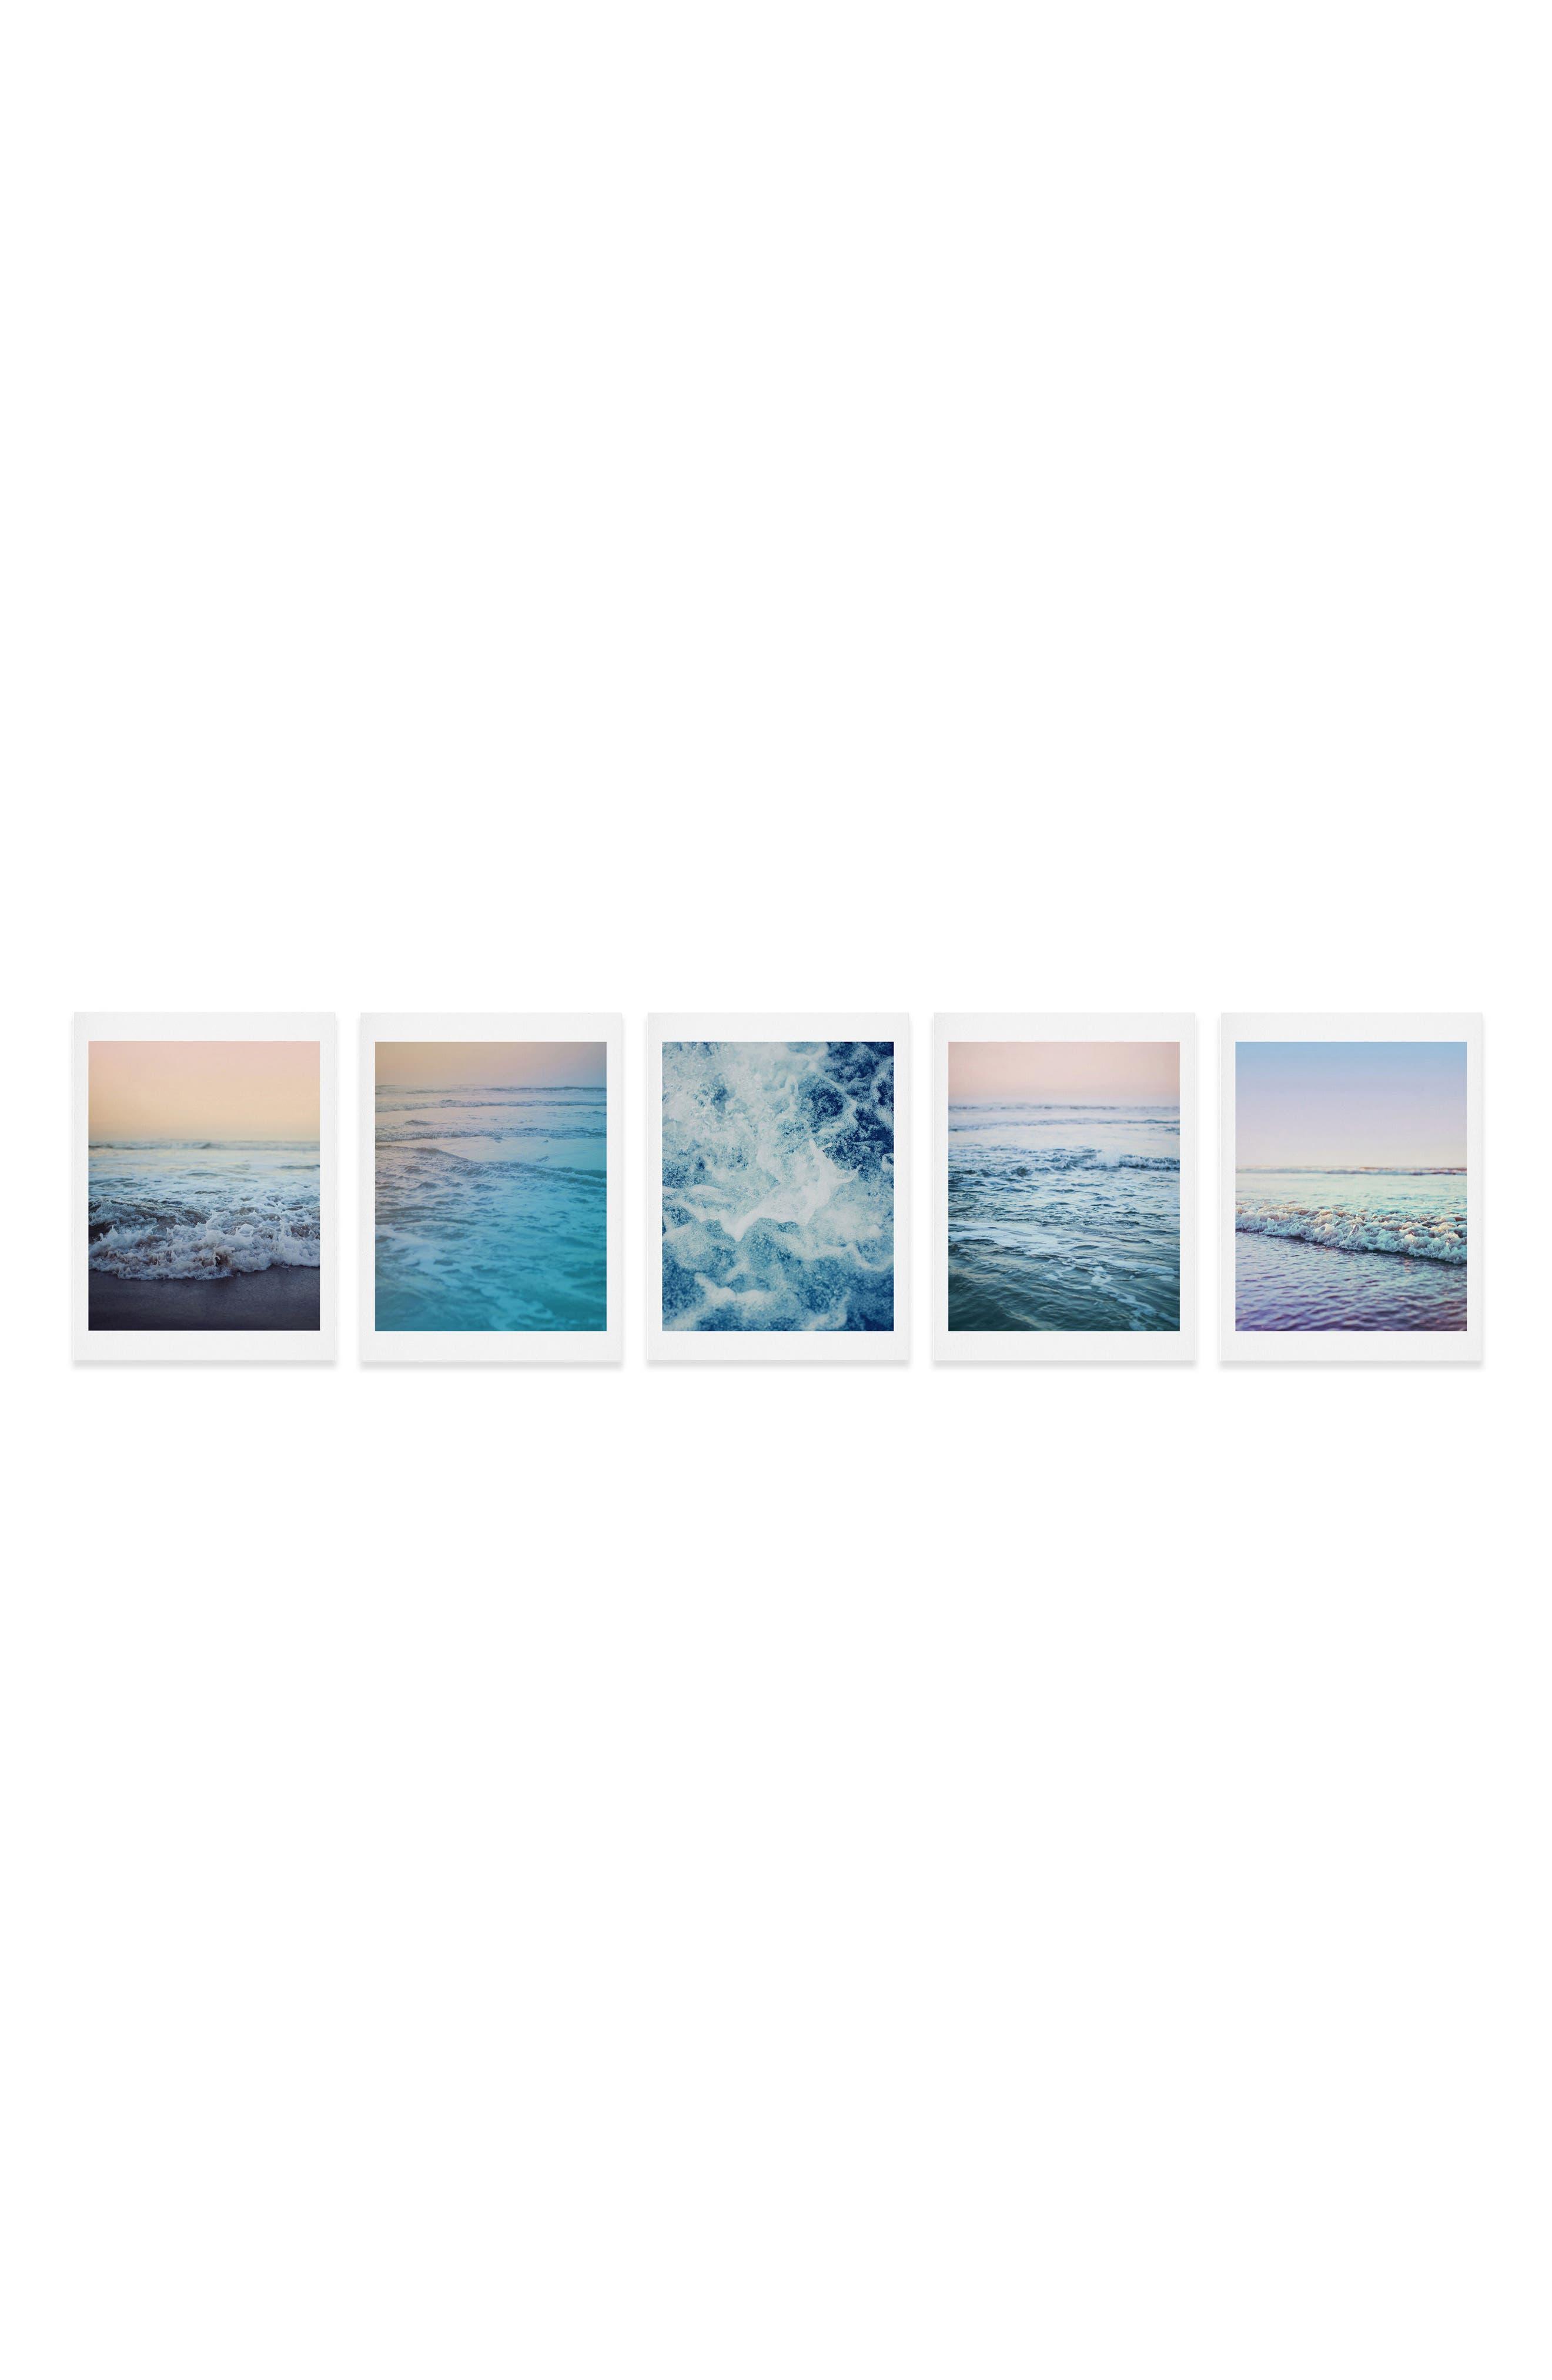 DENY DESIGNS Ocean Five-Piece Gallery Wall Art Print Set, Main, color, MULTI